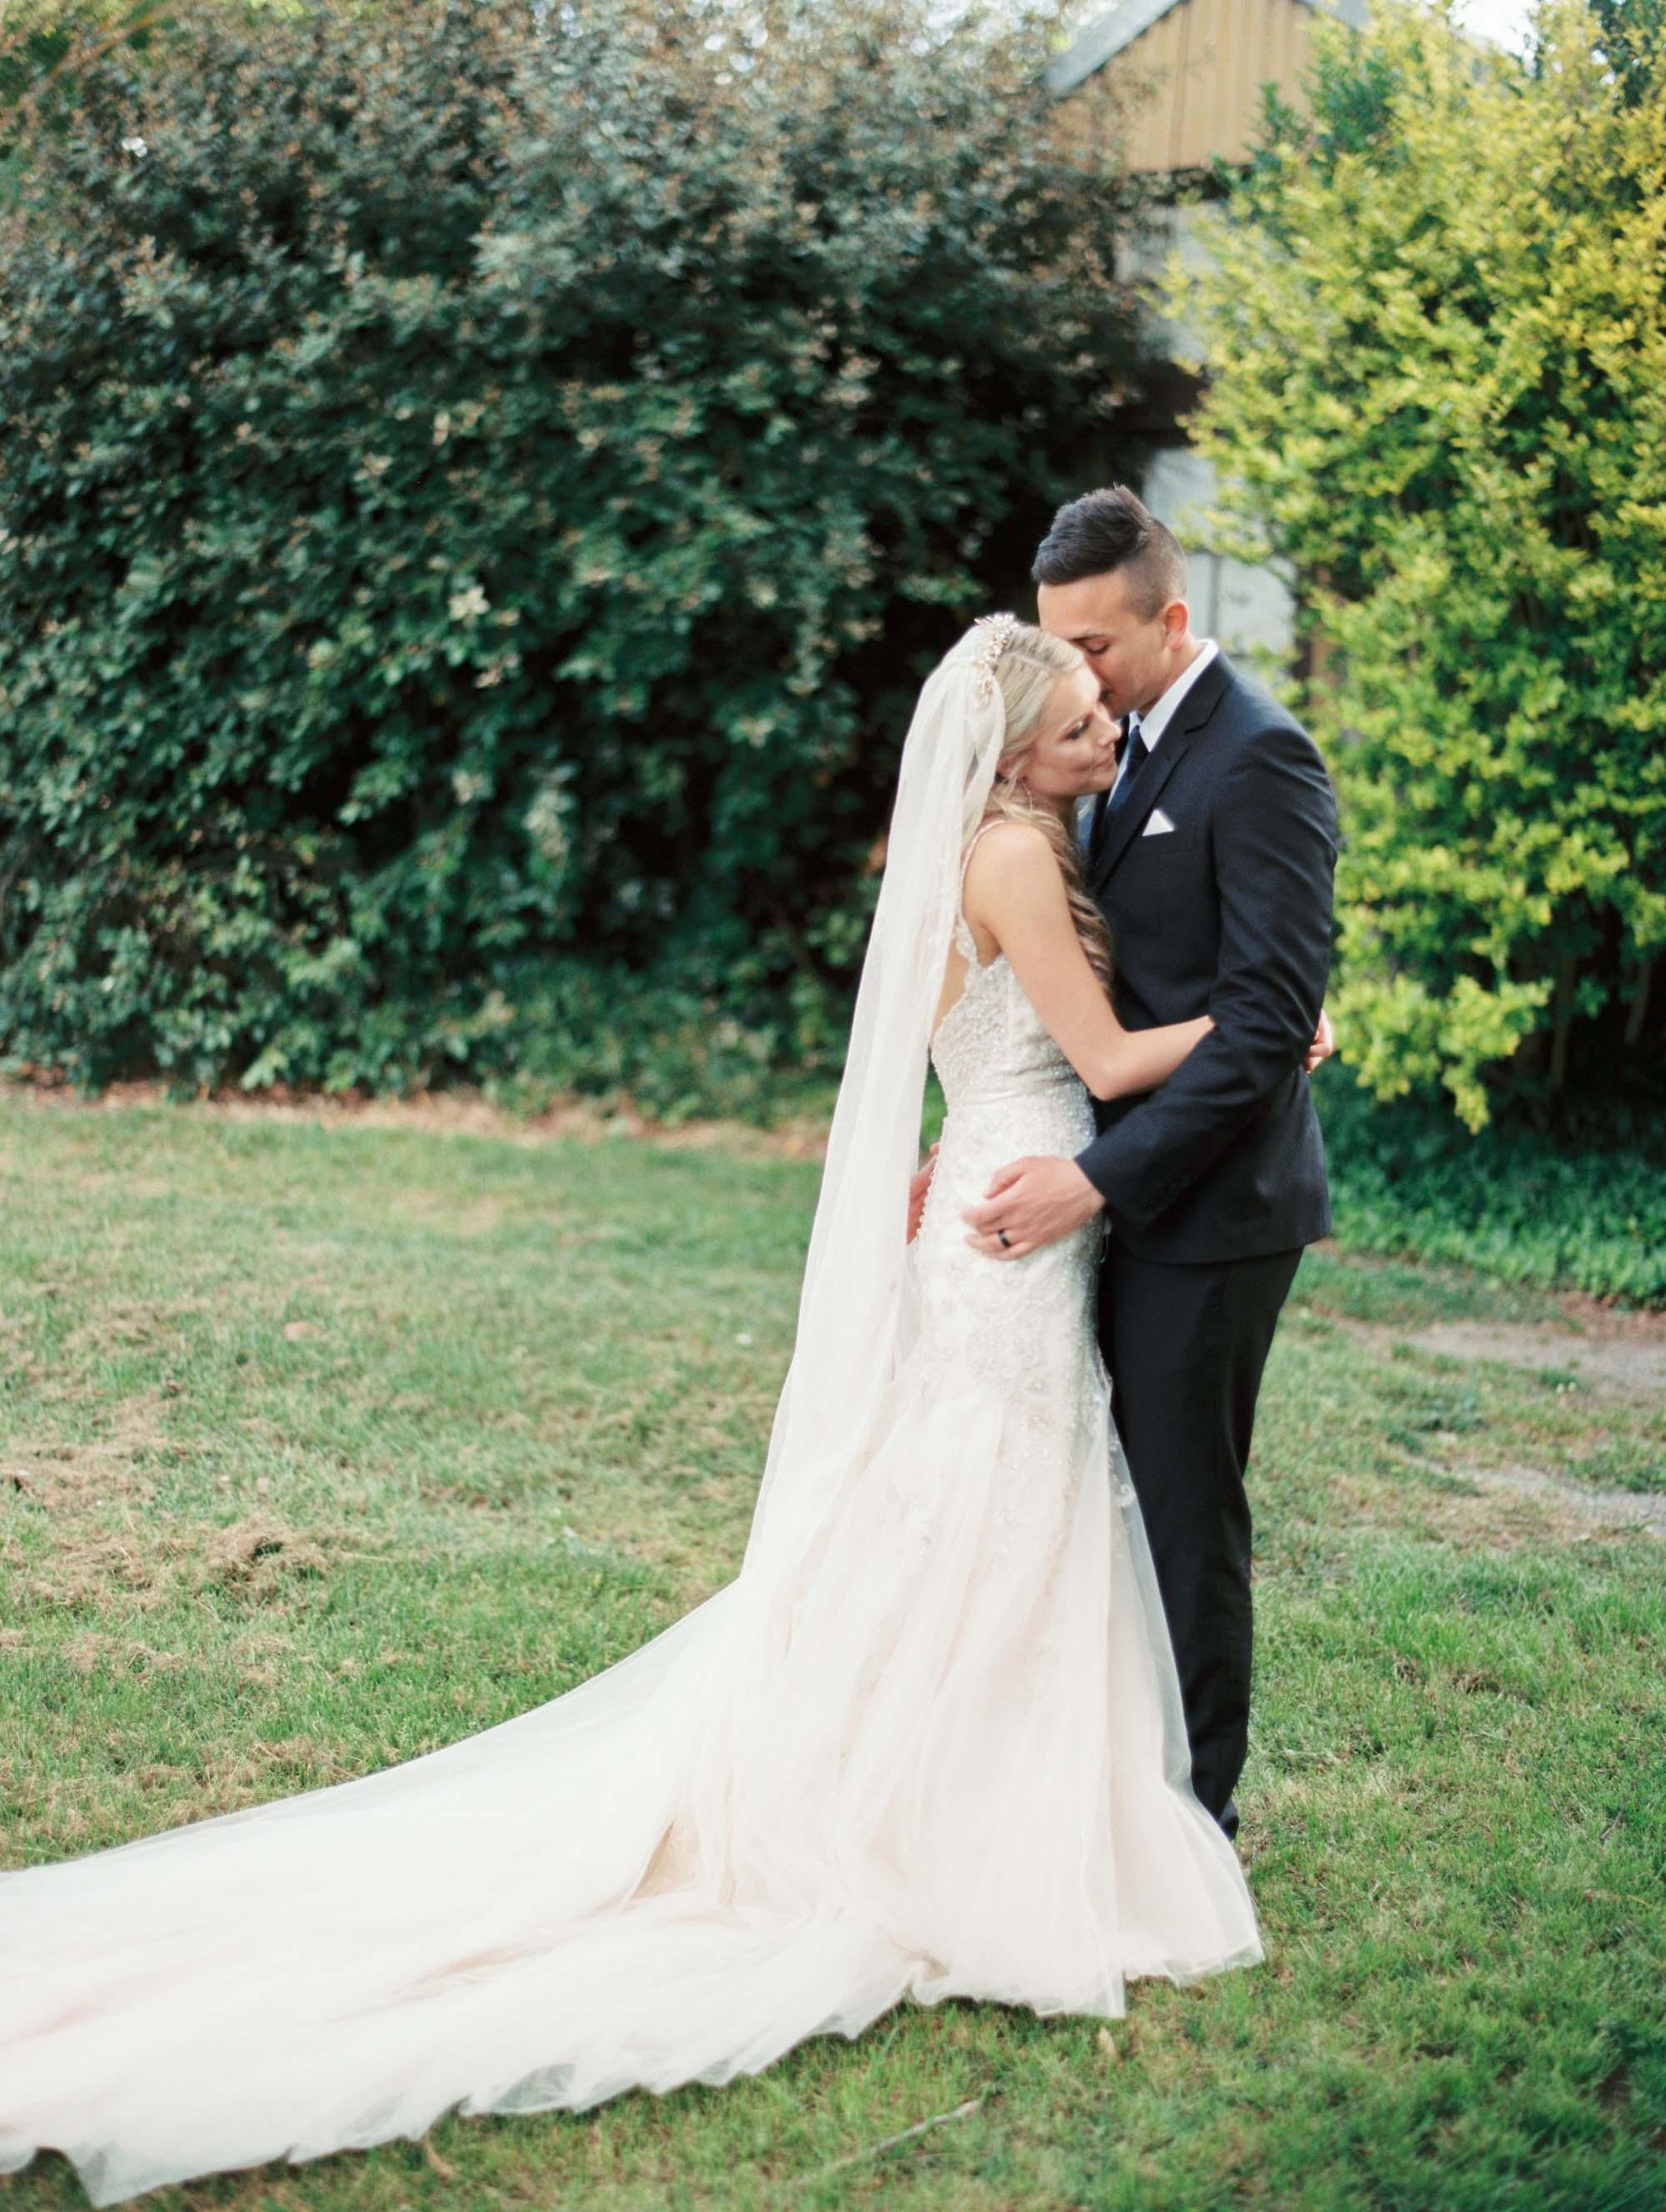 Whitehouse-hahndorf-wedding-photography-084.jpg